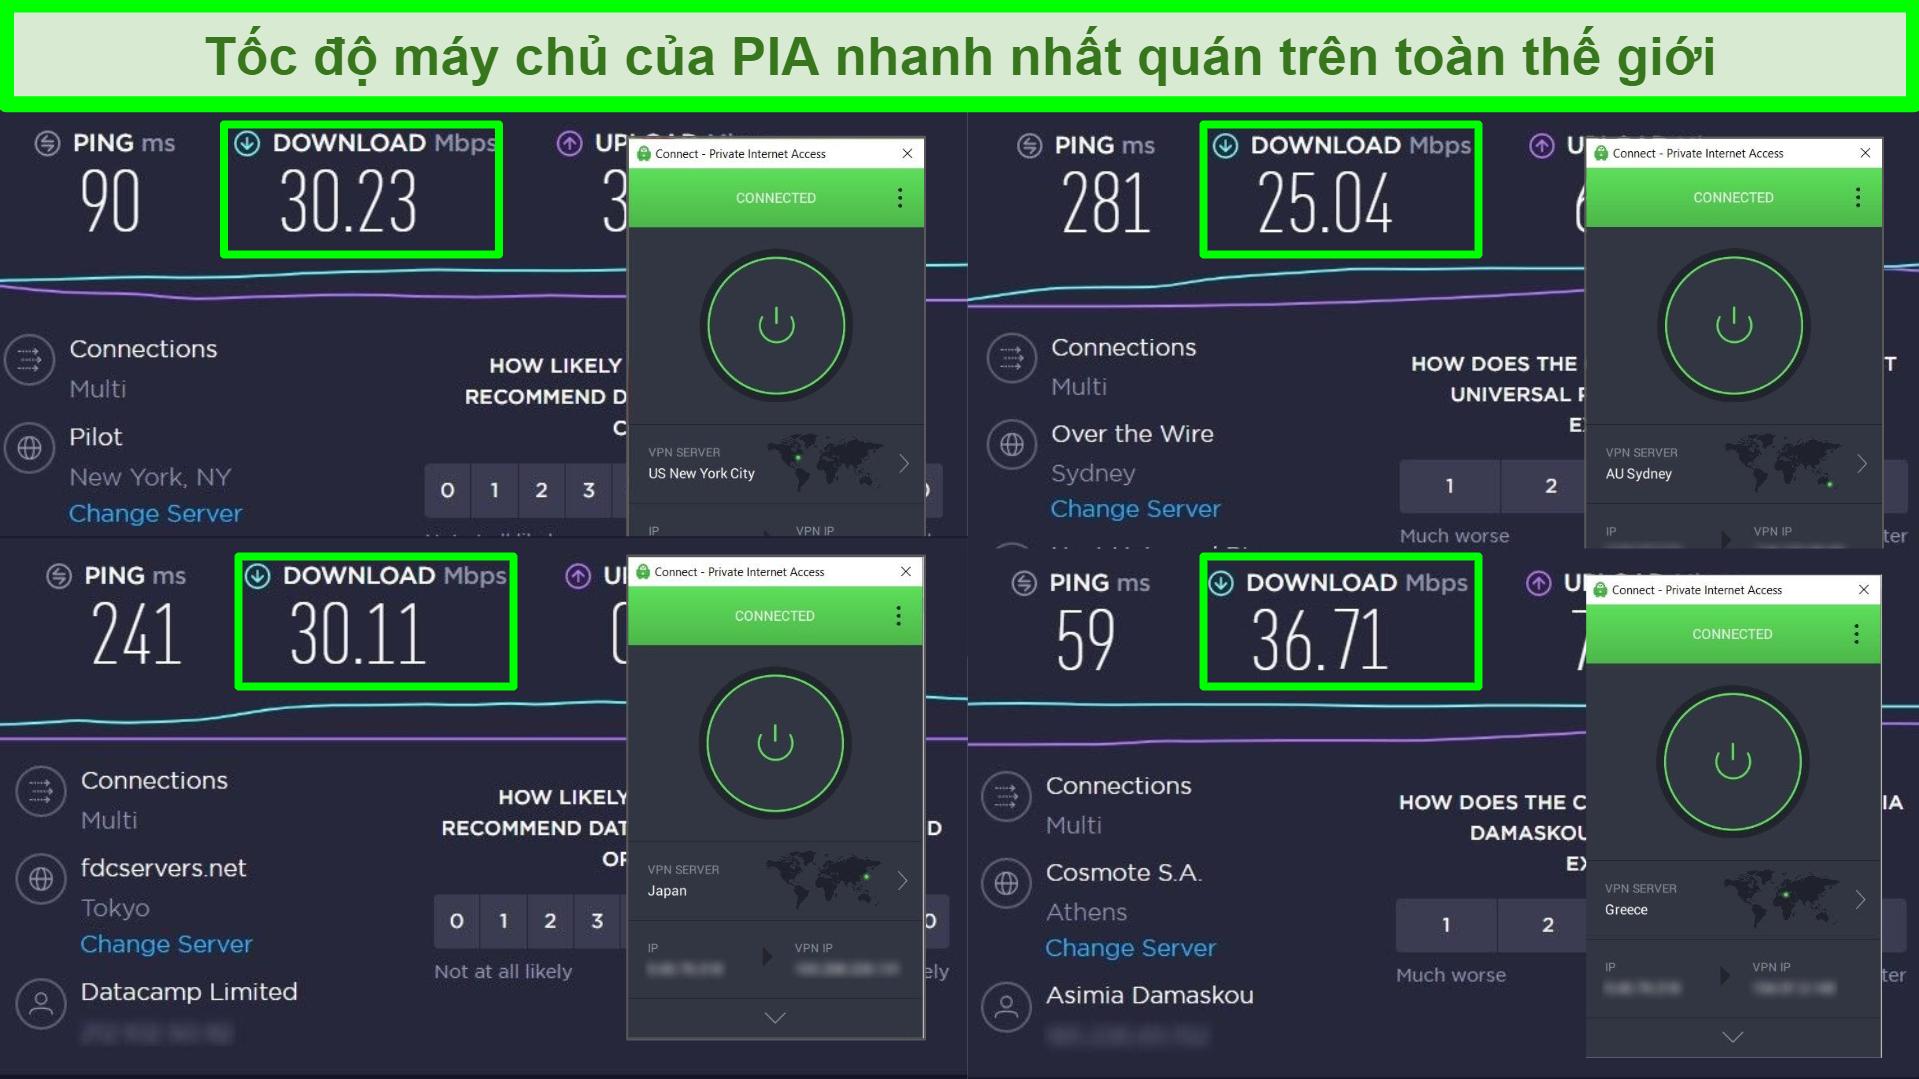 Ảnh chụp màn hình của các bài kiểm tra tốc độ Ookla với PIA được kết nối với các máy chủ toàn cầu khác nhau.